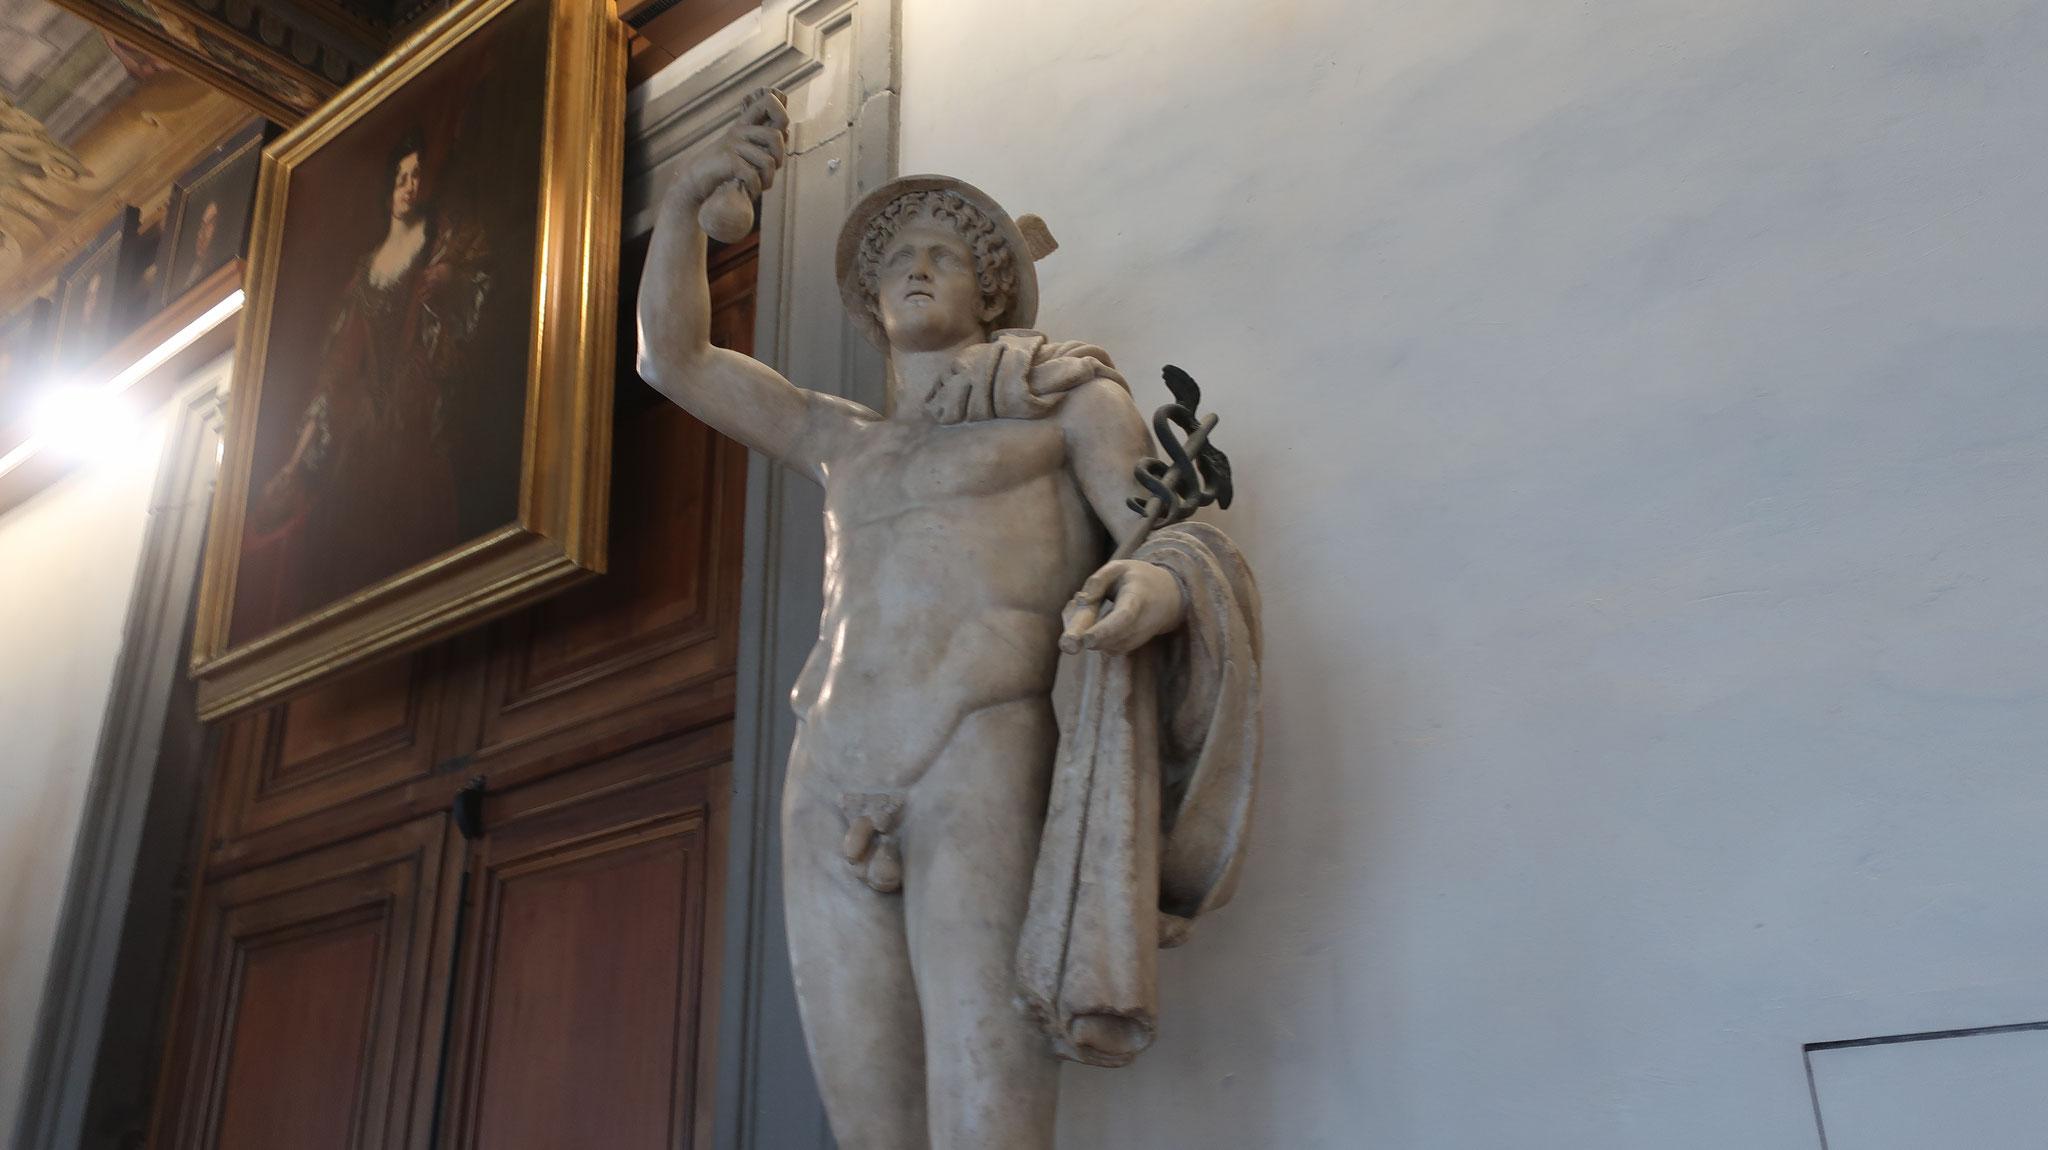 ヘルメス。ギリシャ神話に登場する青年神。オリンポス12神の一人。神々の伝令、とりわけゼウスの使いであり、商人などの守護神。羽の付いたつば広の帽子をかぶり、ヘルメスの杖(2匹の蛇が巻きついた短い杖)を持ち、翼の付いた靴を履く。